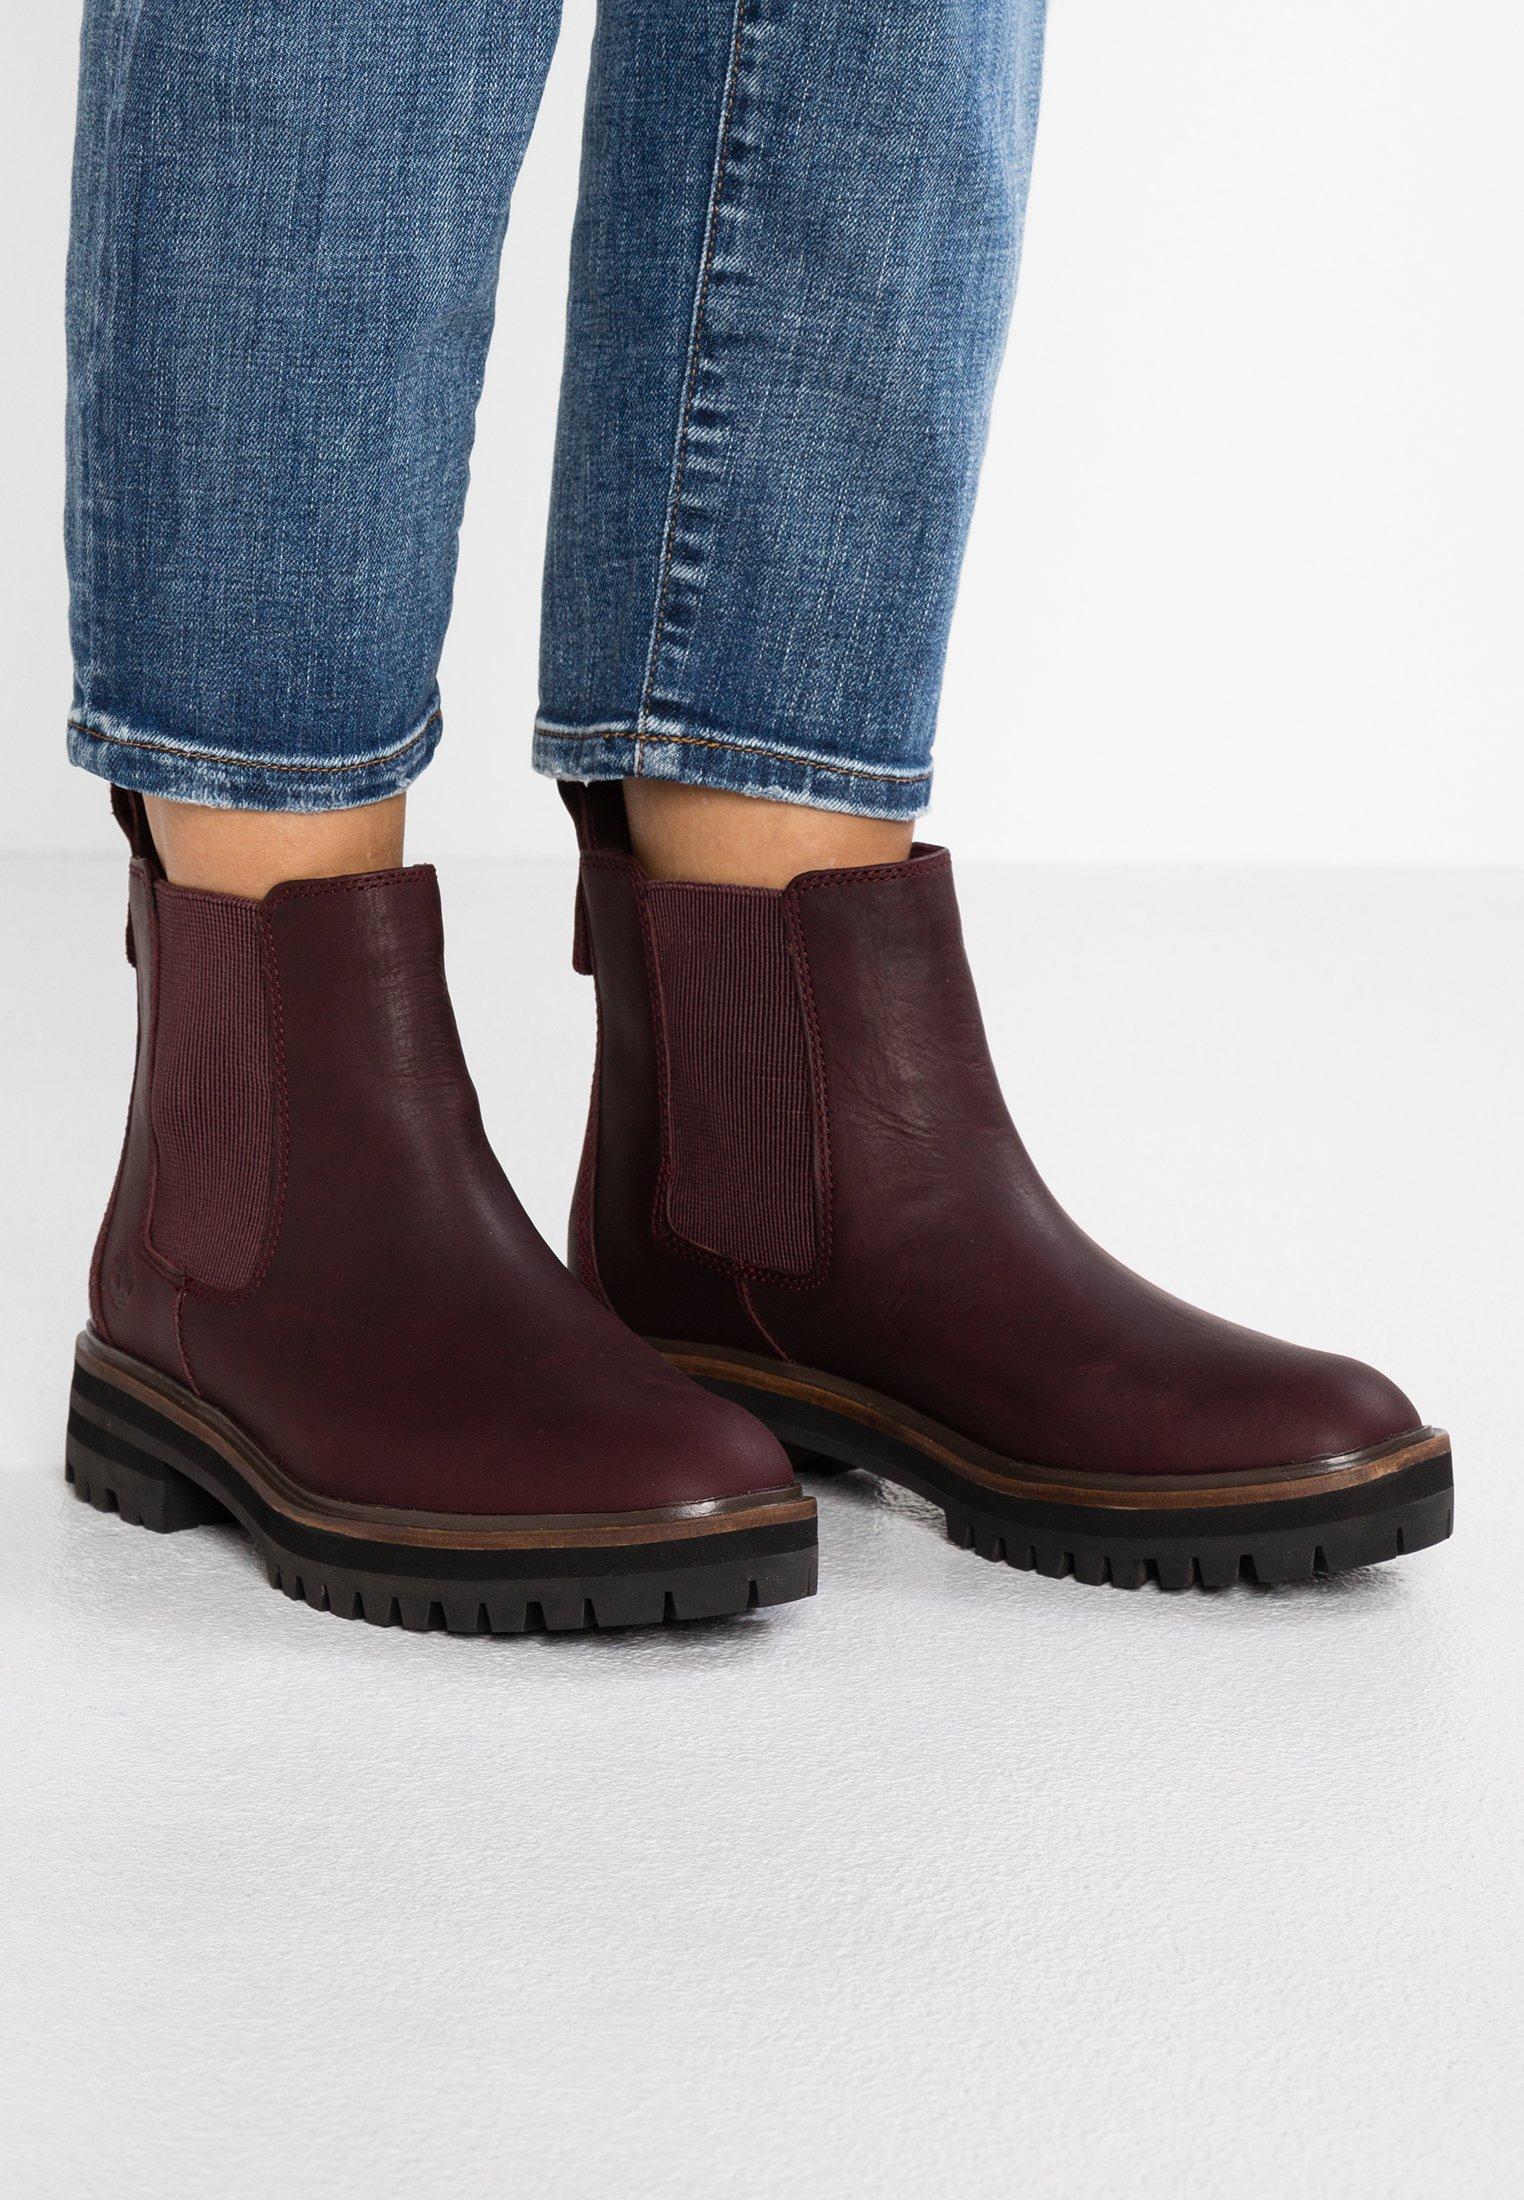 LONDON SQUARE CHELSEA Ankle Boot dark port mincio